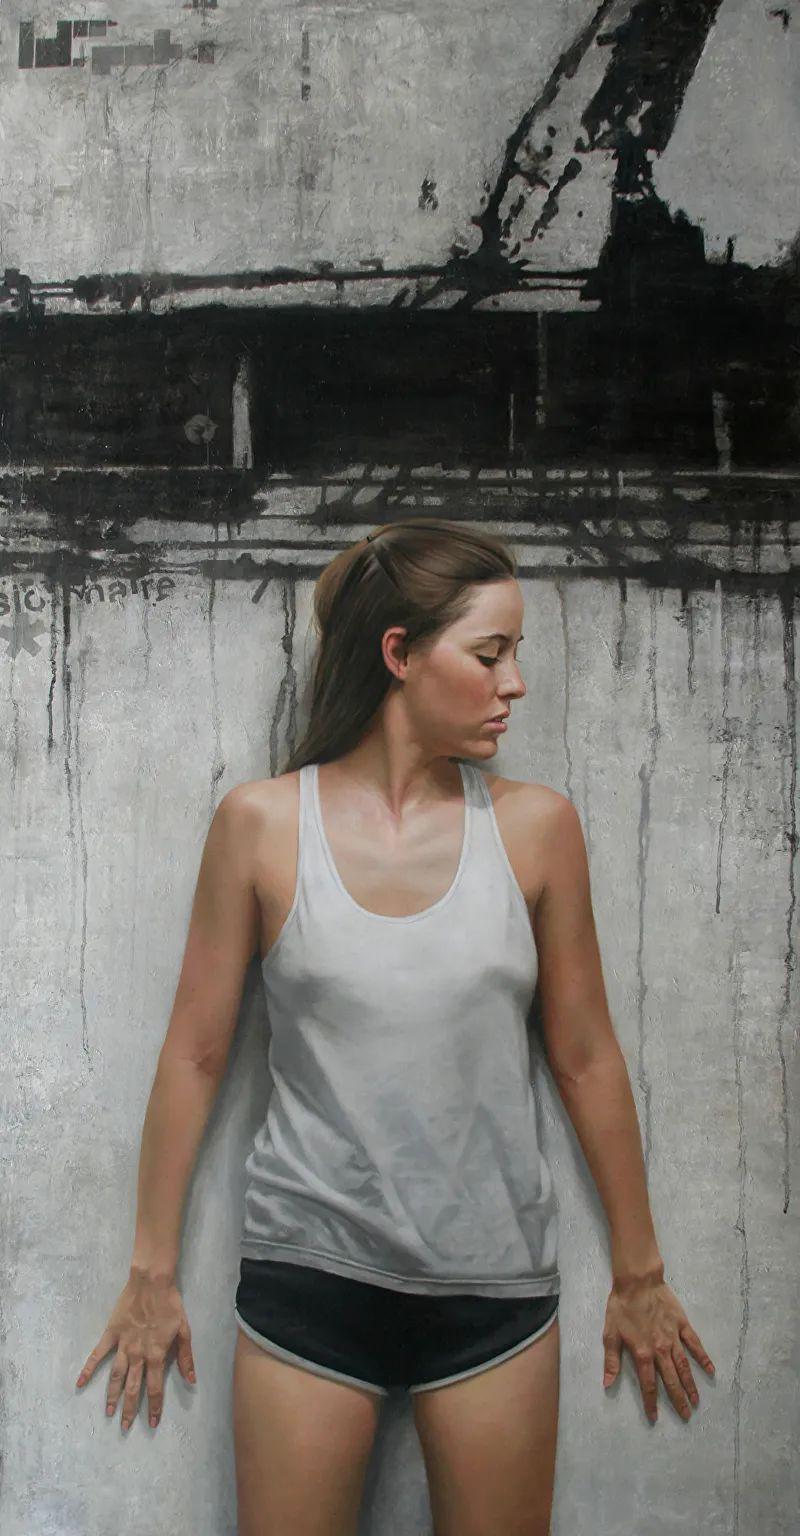 从美学上捕捉人们的真实形态,美国画家戴维·卡桑插图2